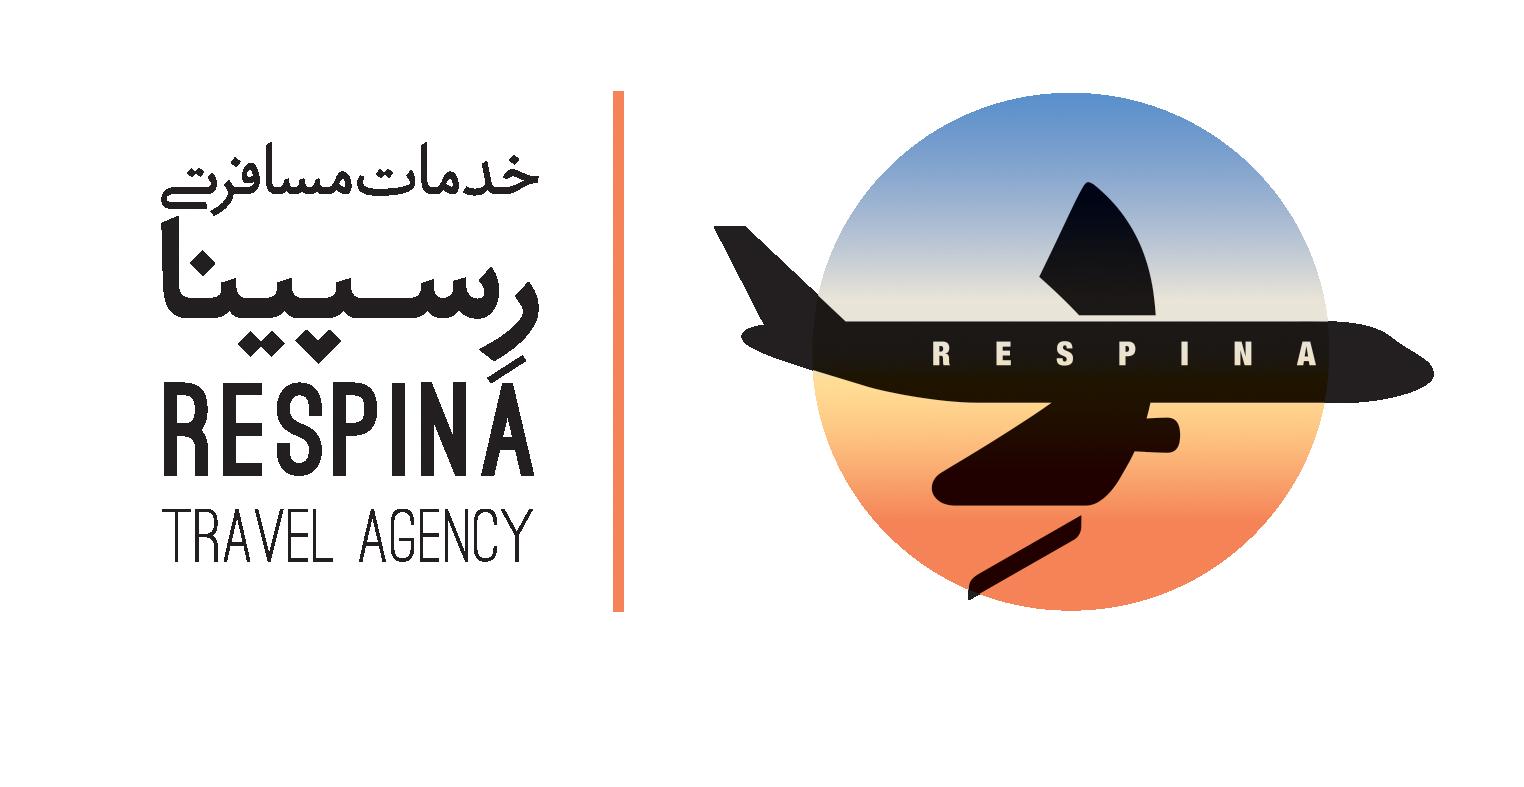 رسپینا 24، سایت مرجع خدمات گردشگری،بلیط هواپیما، بلیط قطار و رزرو هتل